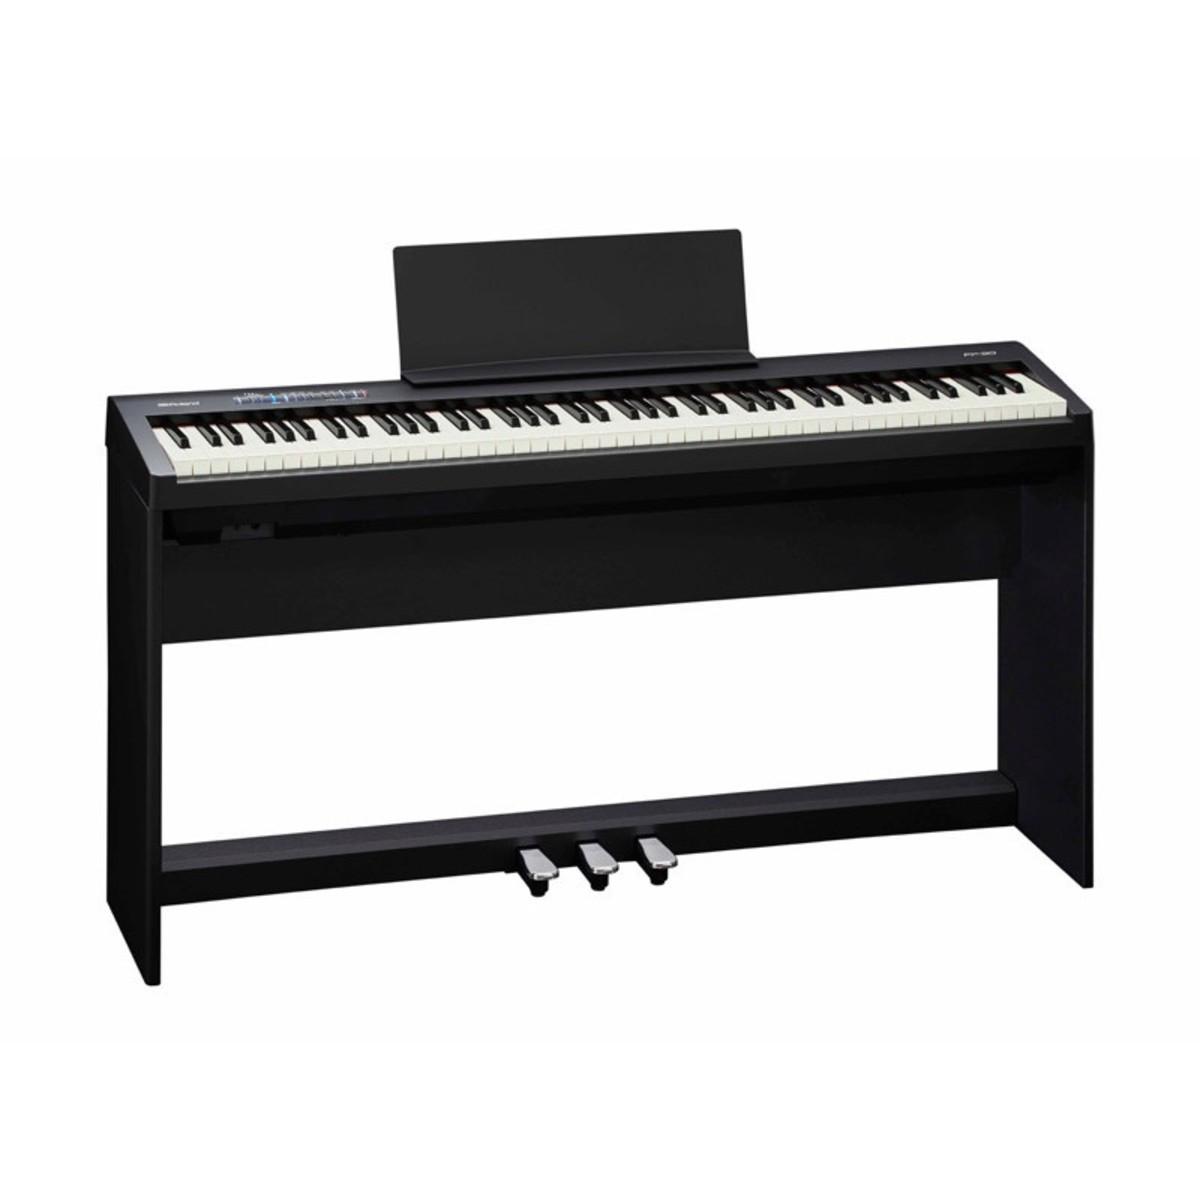 roland fp 30 piano num rique avec stand et p dales noir. Black Bedroom Furniture Sets. Home Design Ideas